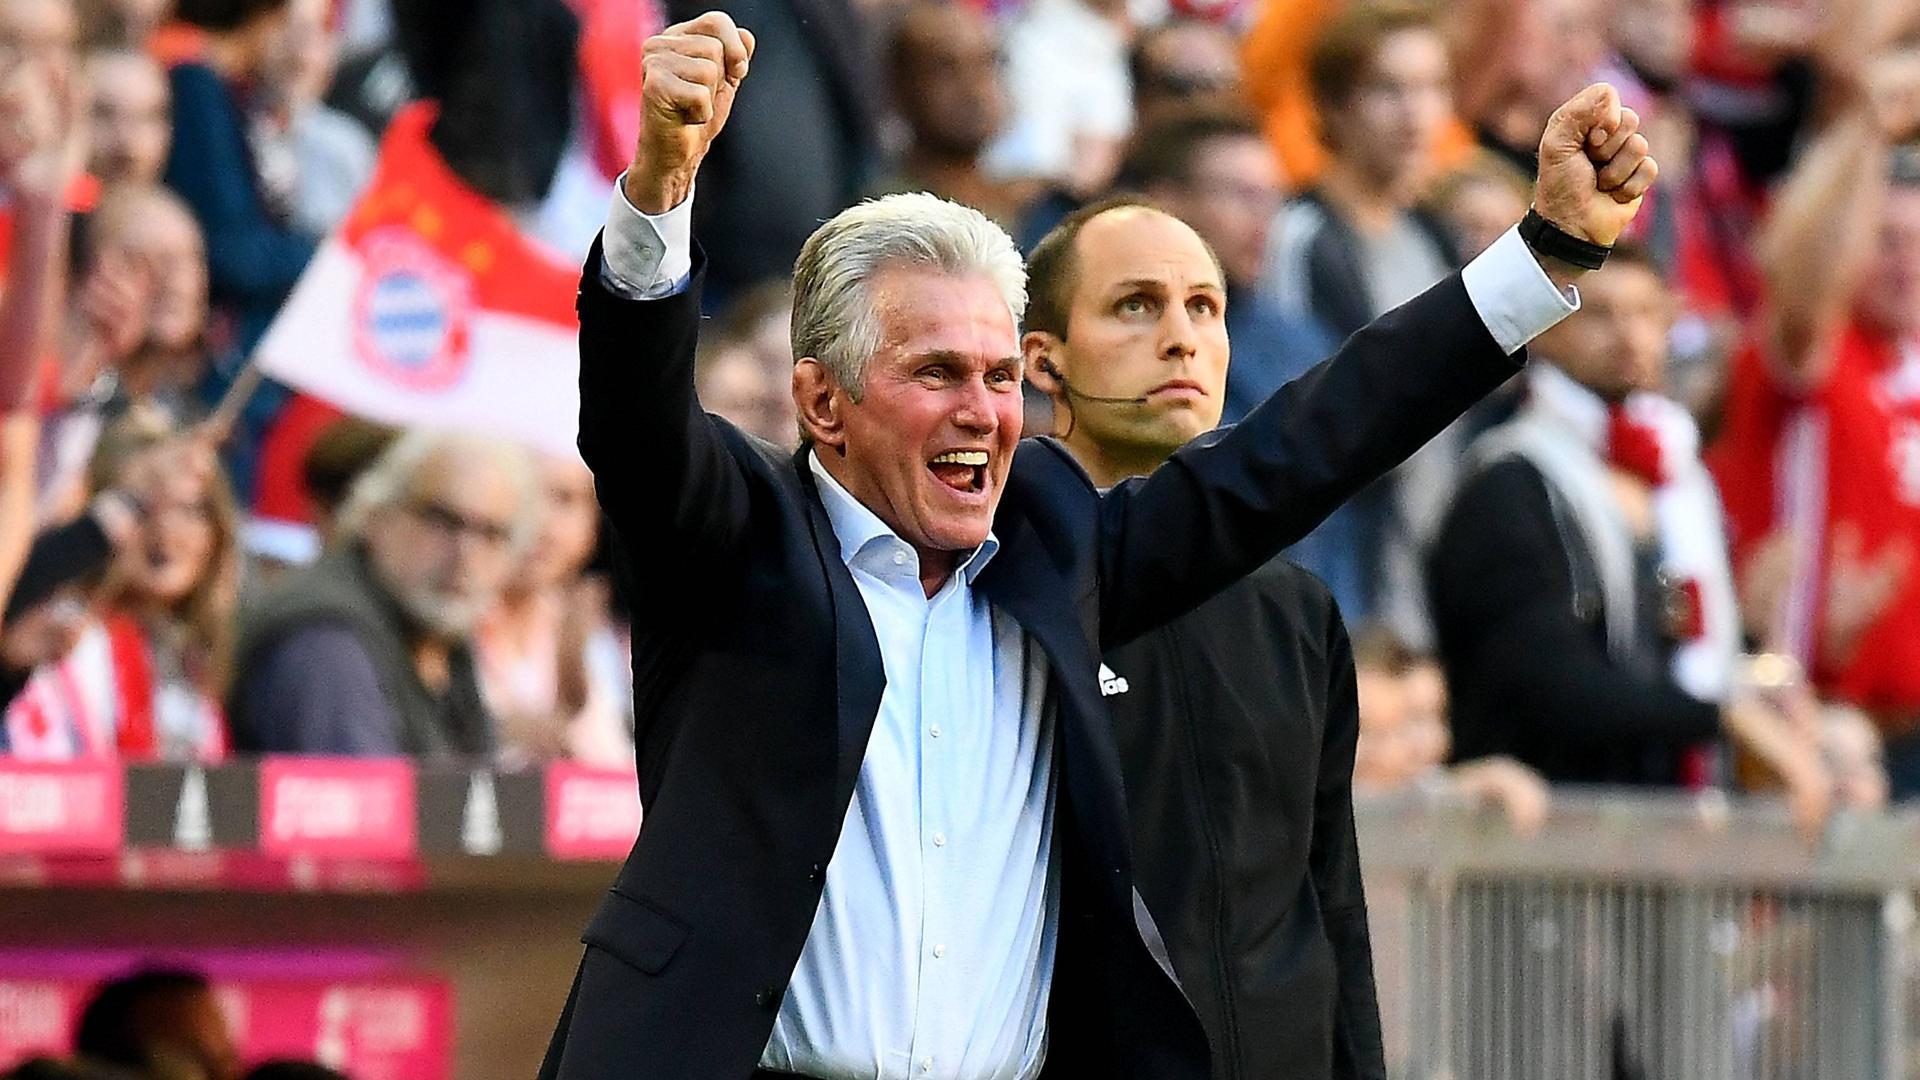 5 điểm nhấn sau đại thắng của Bayern: Ancelotti bị phản, Jupp Heynckes quá hay, Hùm xám thực sự đang trở lại